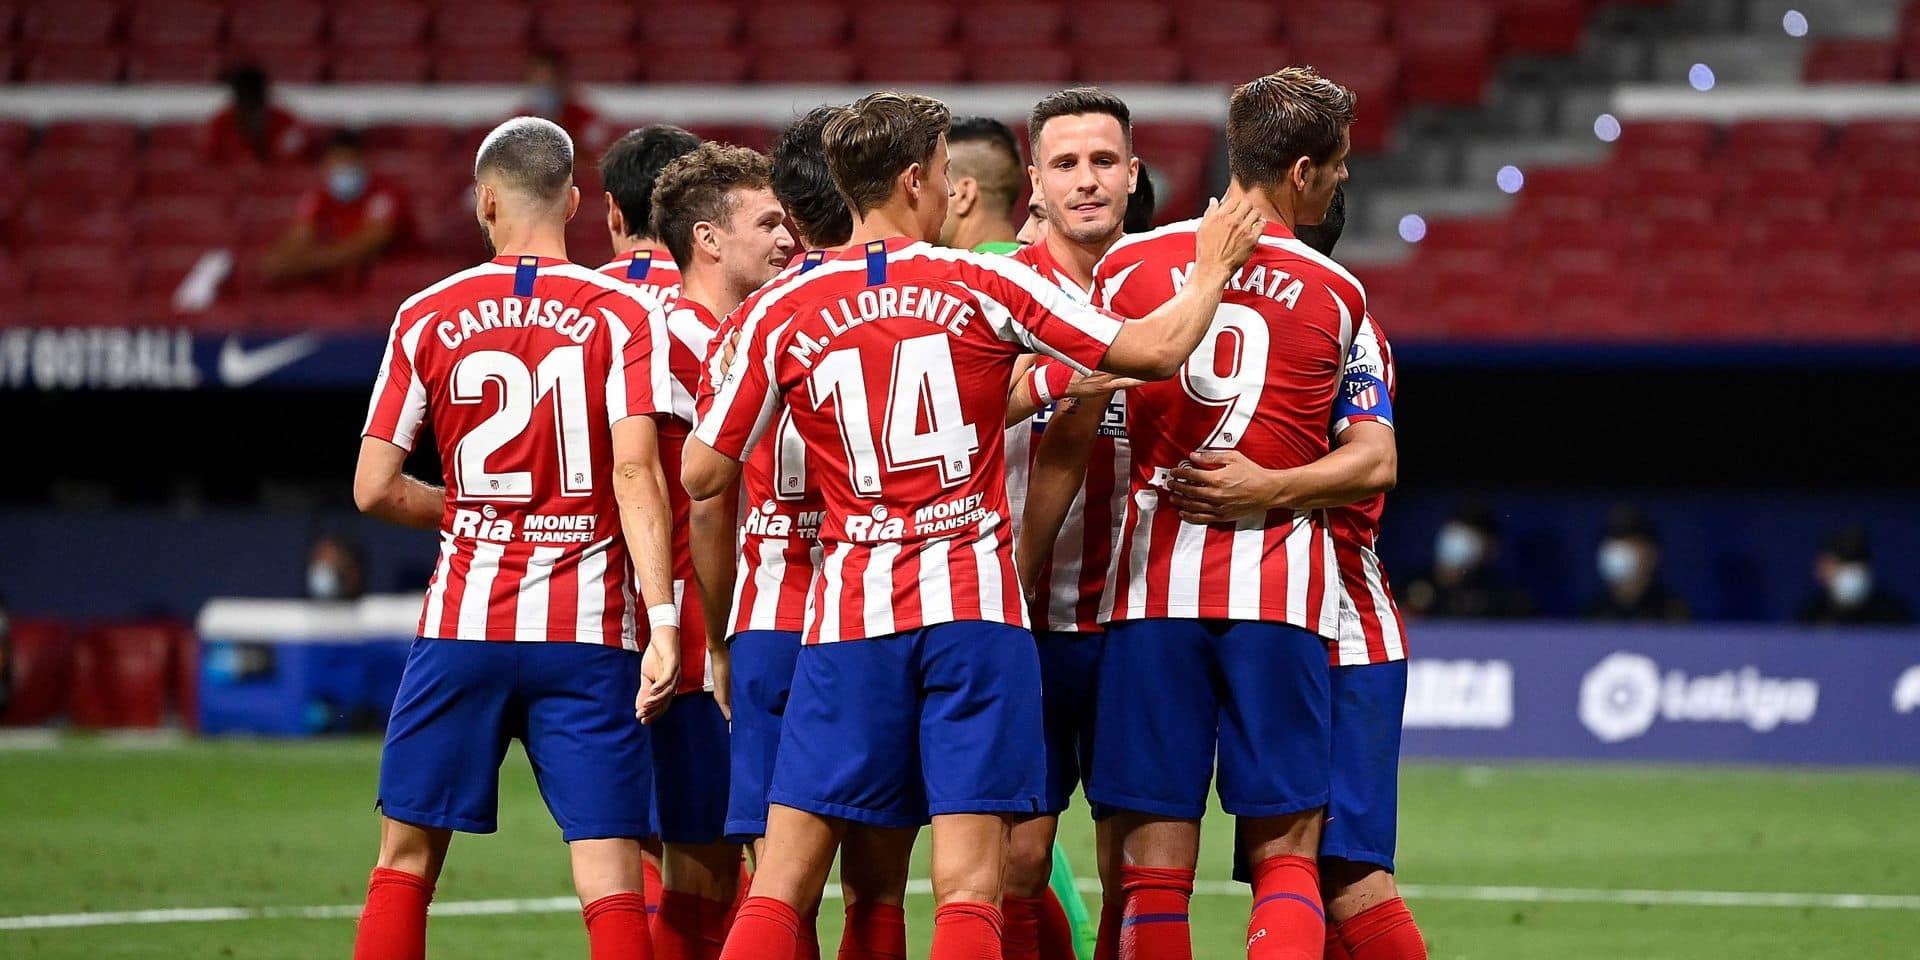 En dehors des deux cas positifs, tous les autres tests menés à l'Atlético Madrid négatifs au coronavirus